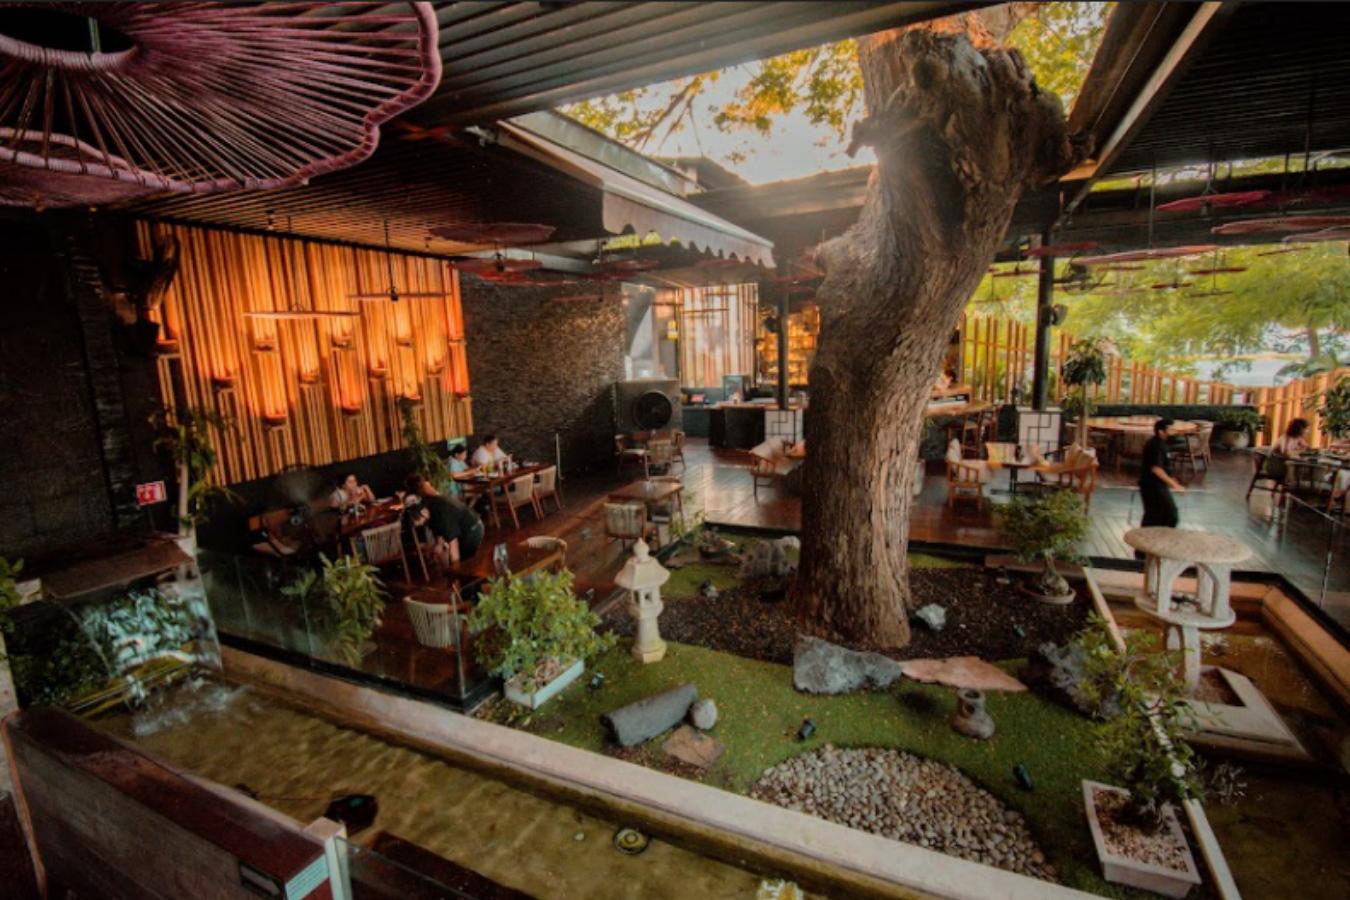 jardin japones en restaurante